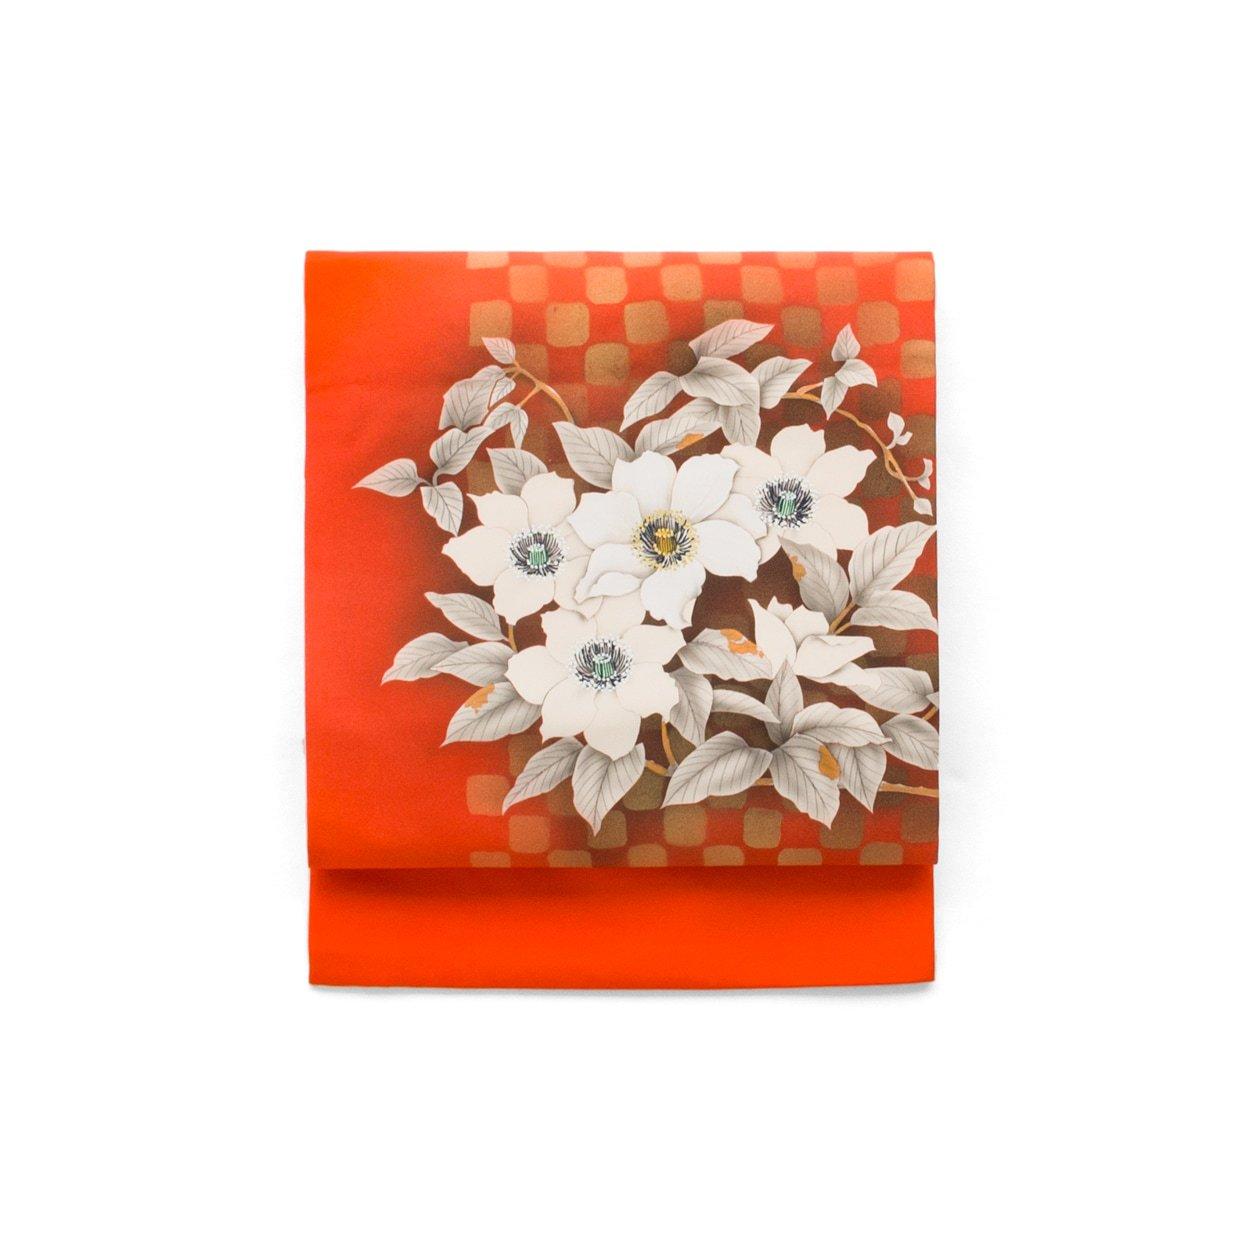 「市松とクレマチス」の商品画像